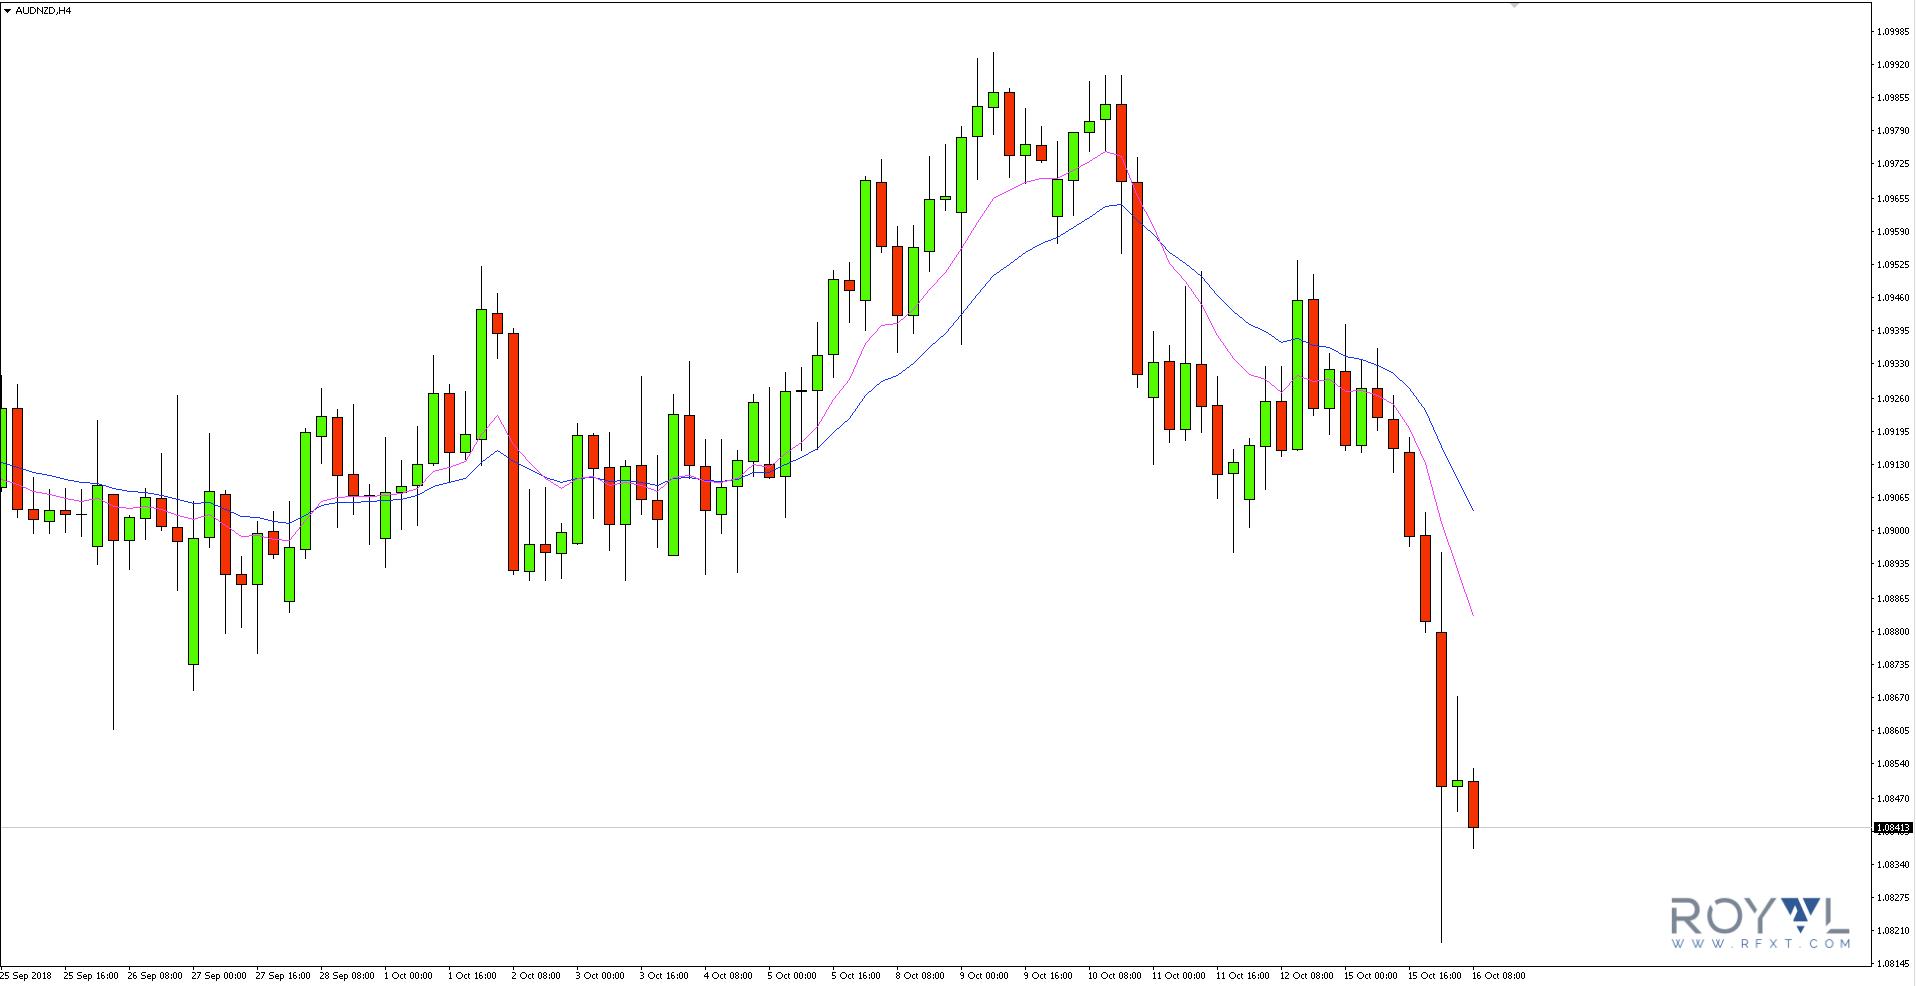 Umocnieniekiwiw relacji do dolara australijskiego doprowadziło do ustanowienia nowych minimów na parze AUDNZD